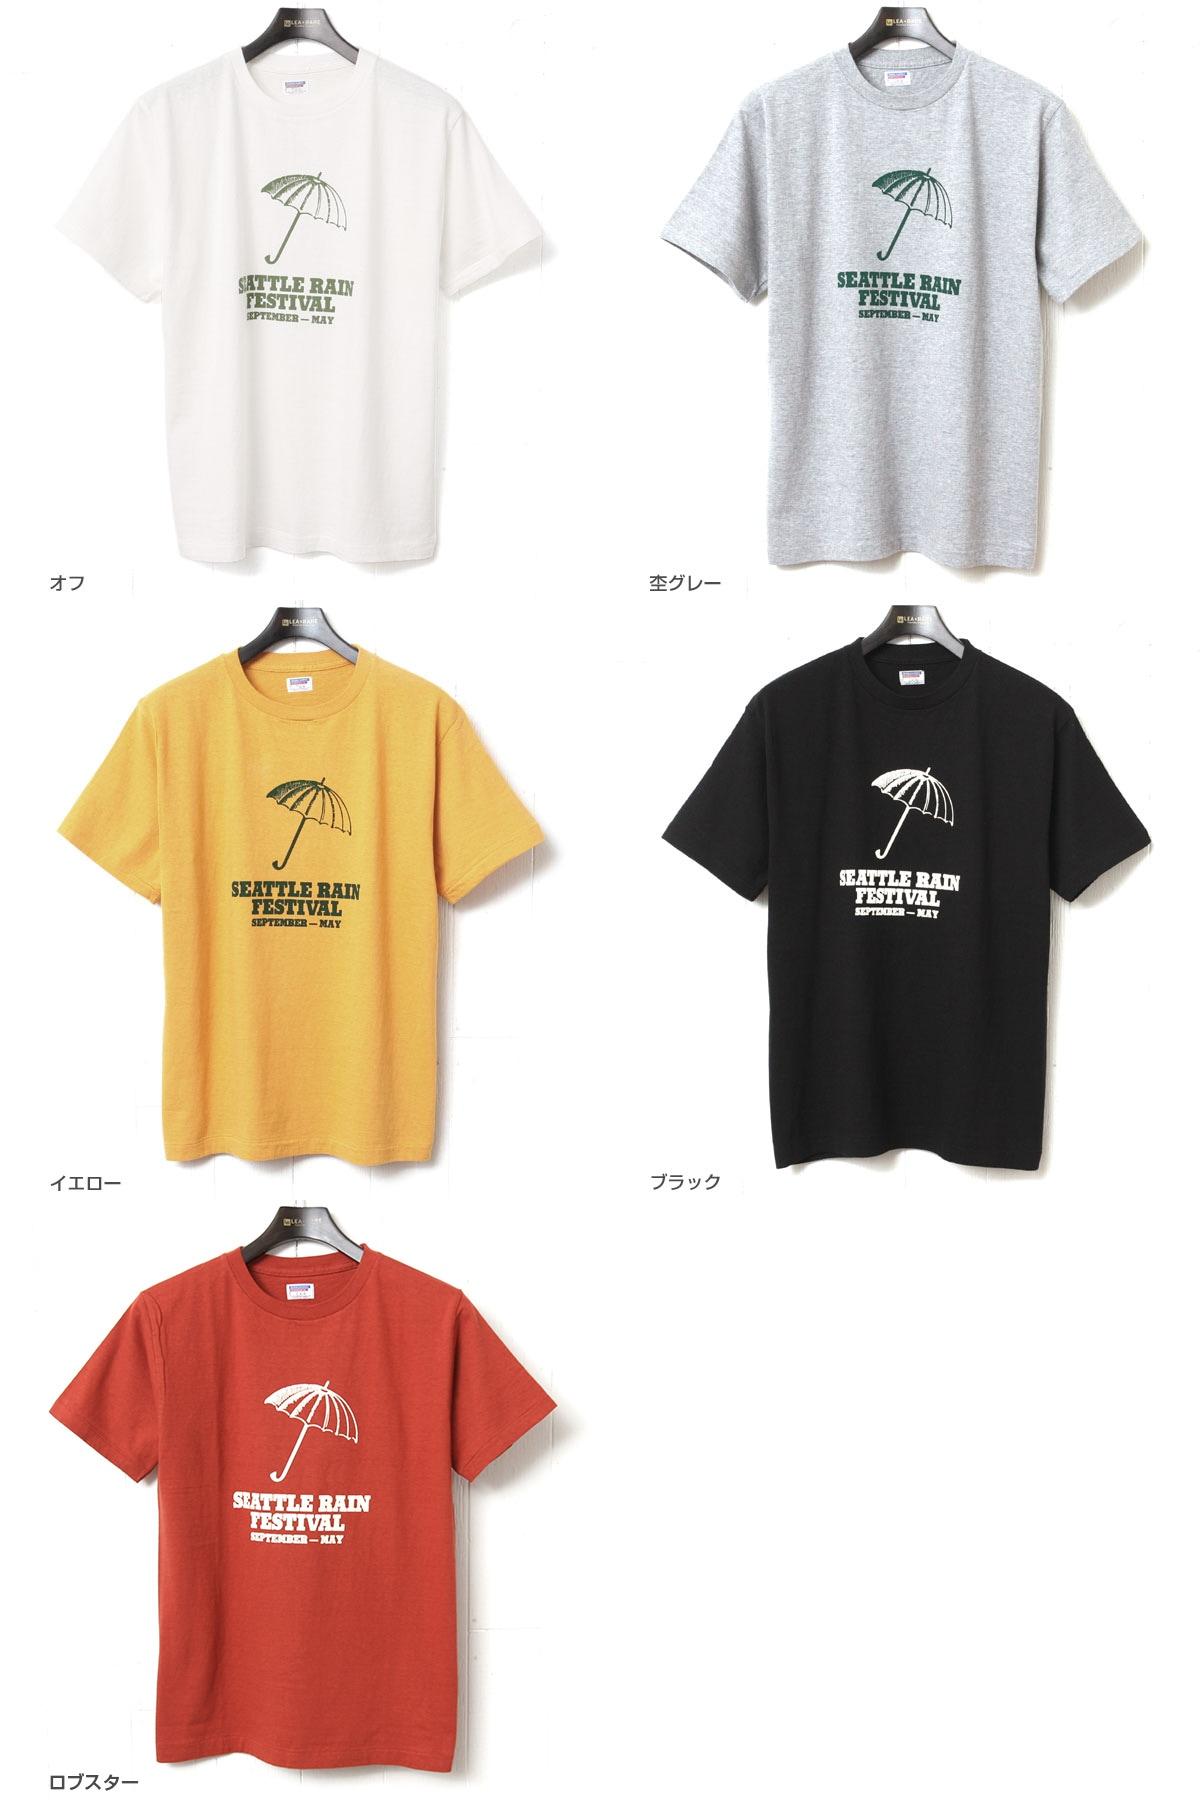 ダブルワークス DUBBLEWORKS 33005 プリントTシャツ [SEATTLE RAIN]